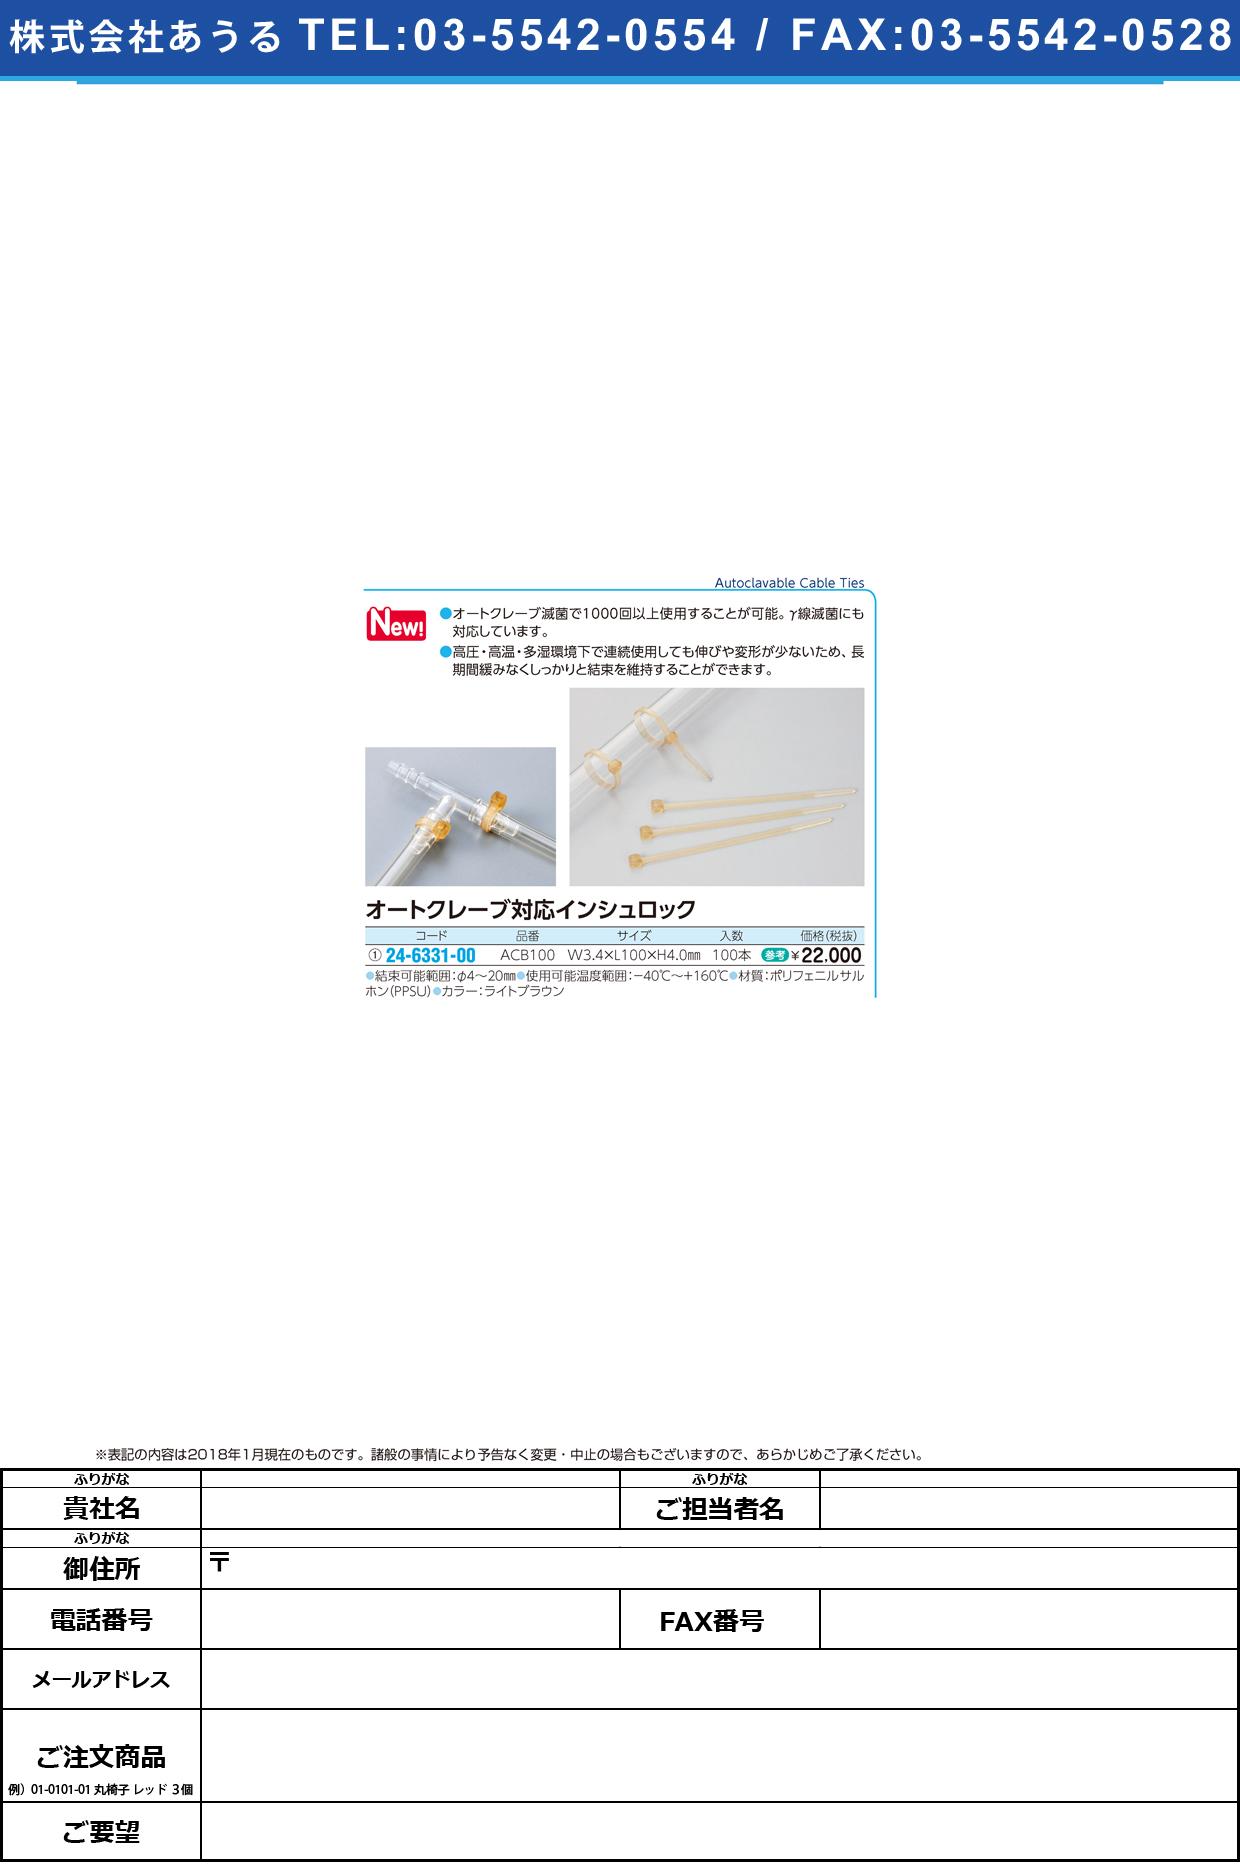 (24-6331-00)オートクレーブ対応インシュロック ACB100(100ポンイリ) オートクレーブタイオウインシュロック【1袋単位】【2018年カタログ商品】